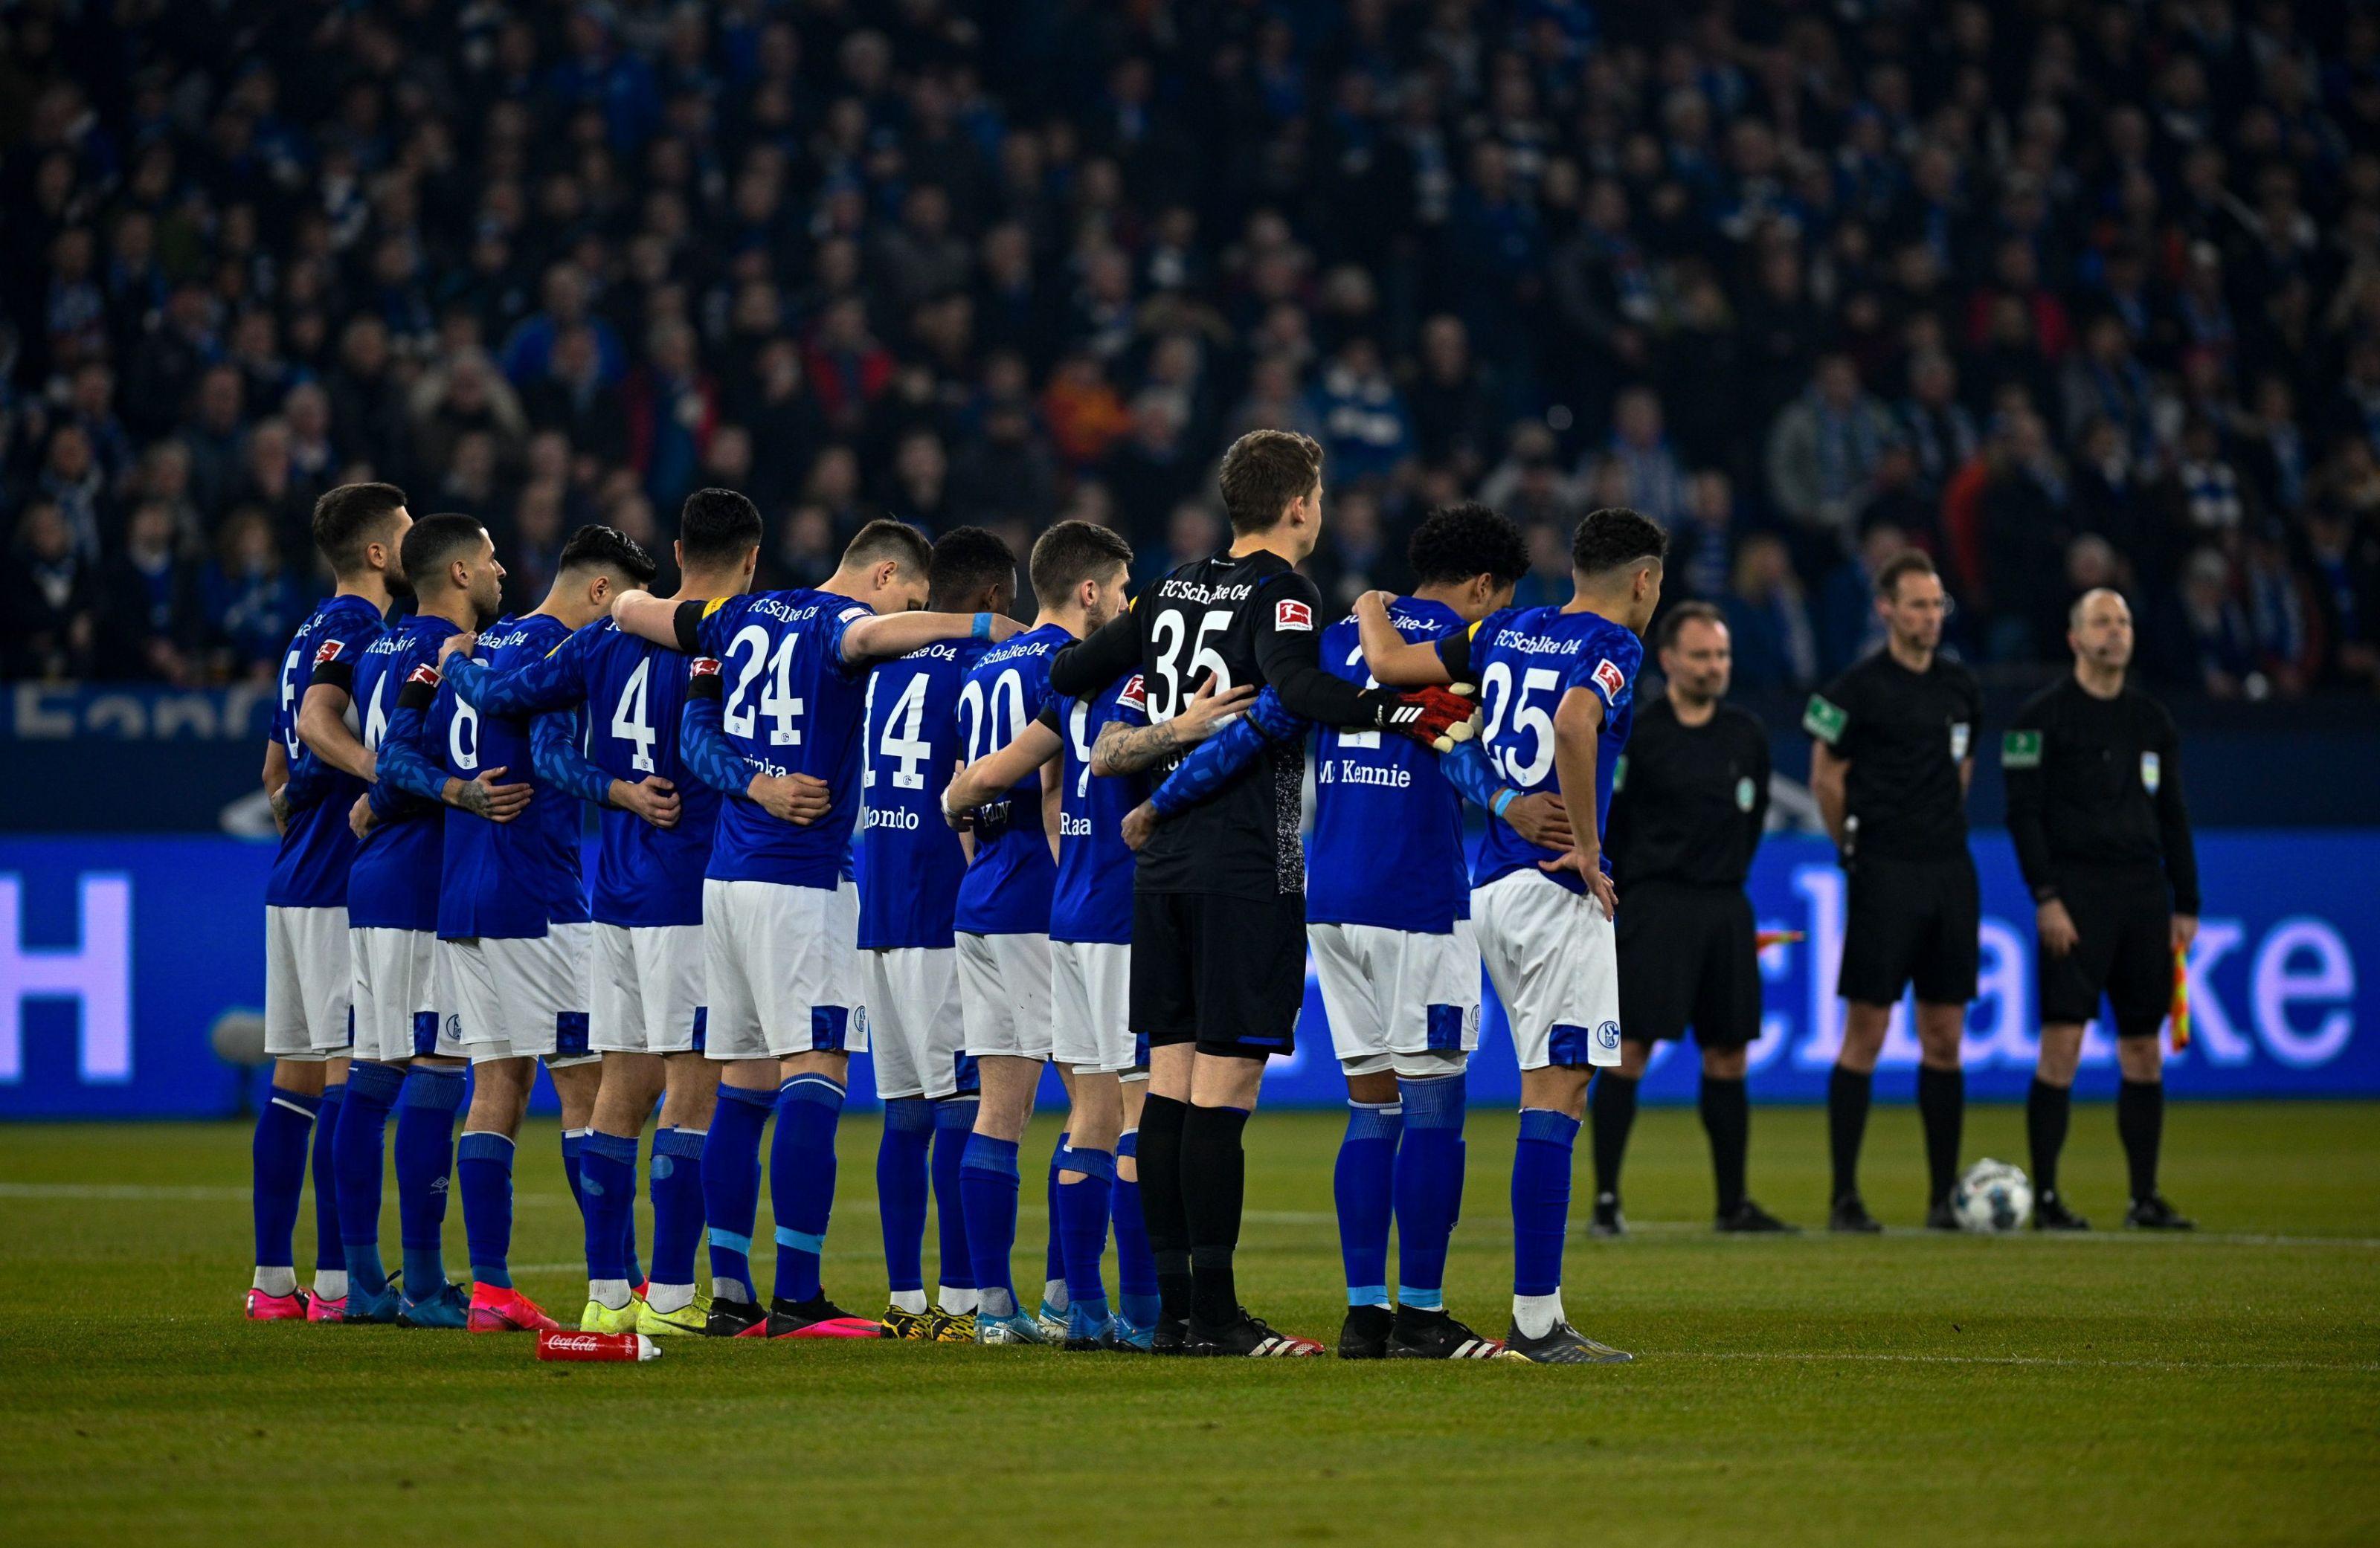 Schalke vs RB Leipzig player ratings: It happened again